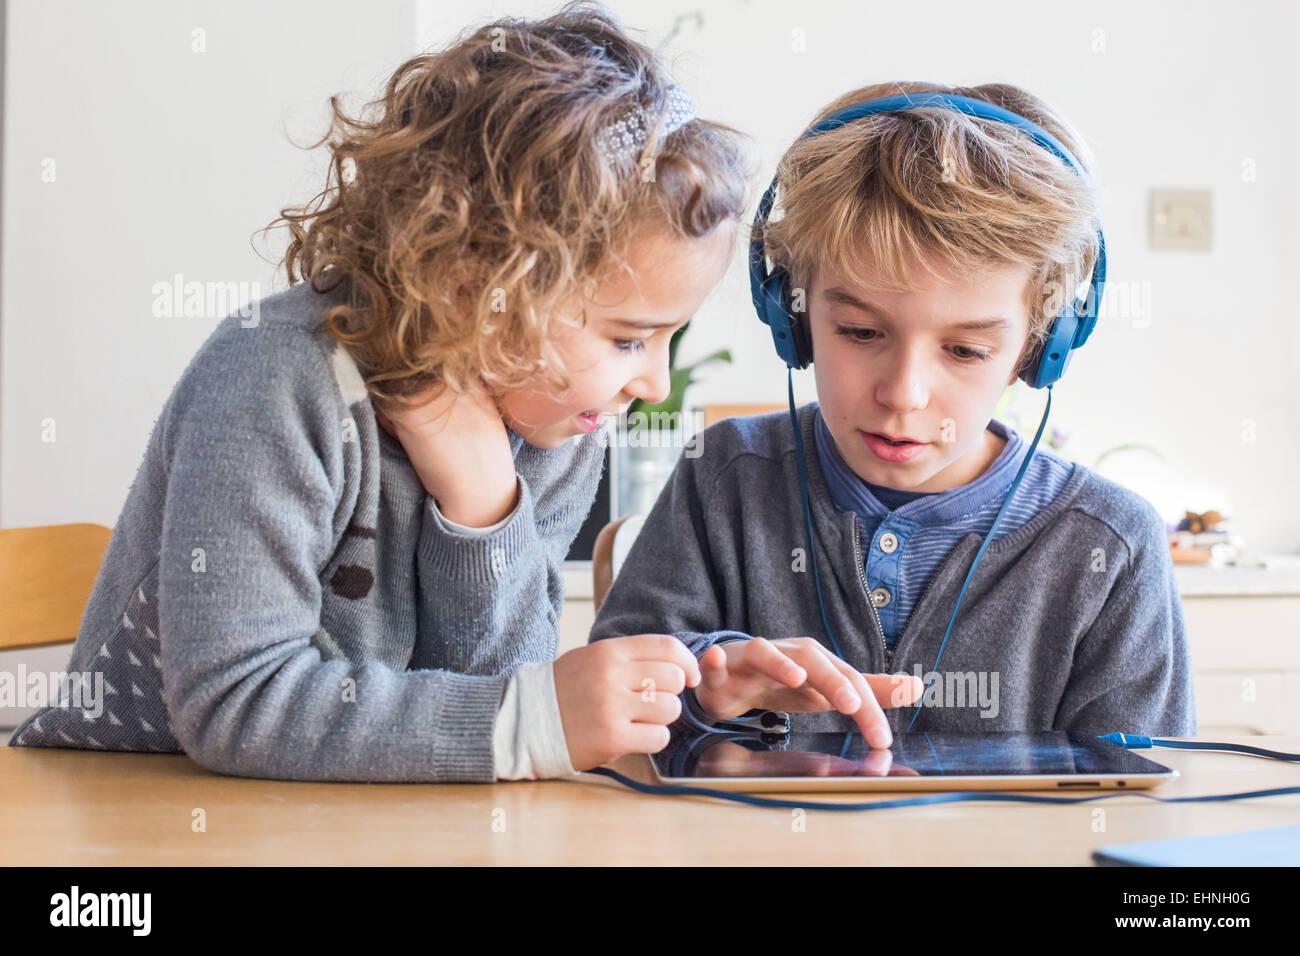 Niña de 5 años y 8 años de edad con Tablet PC. Imagen De Stock